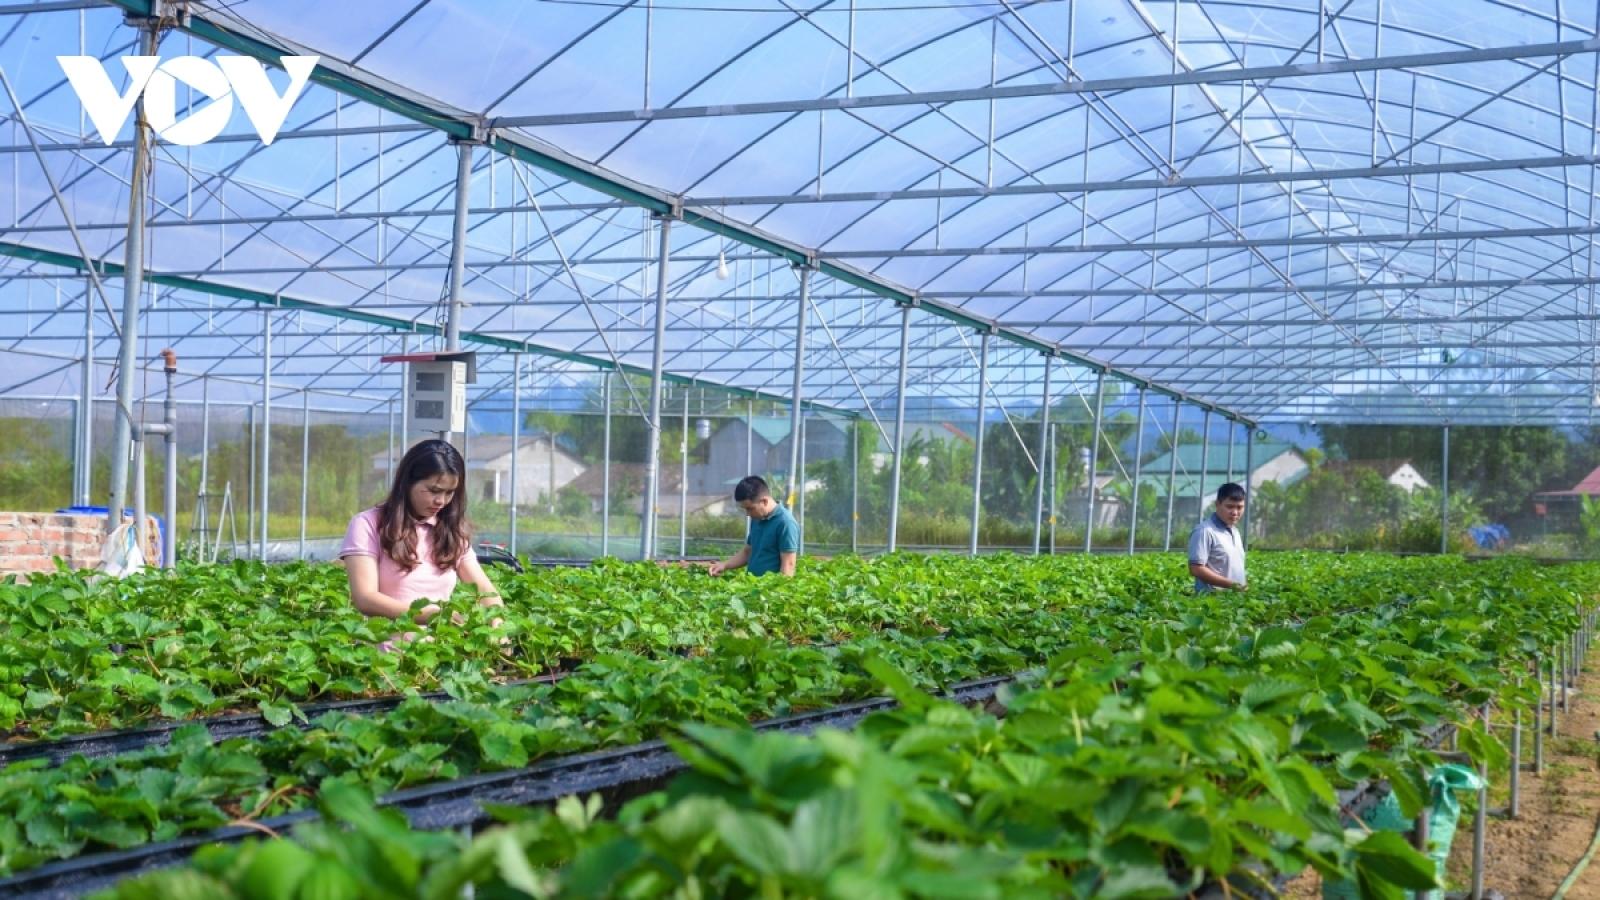 Ngày càng nhiều HTX ứng dụng công nghệ cao vào sản xuất và tiêu thụ nông sản